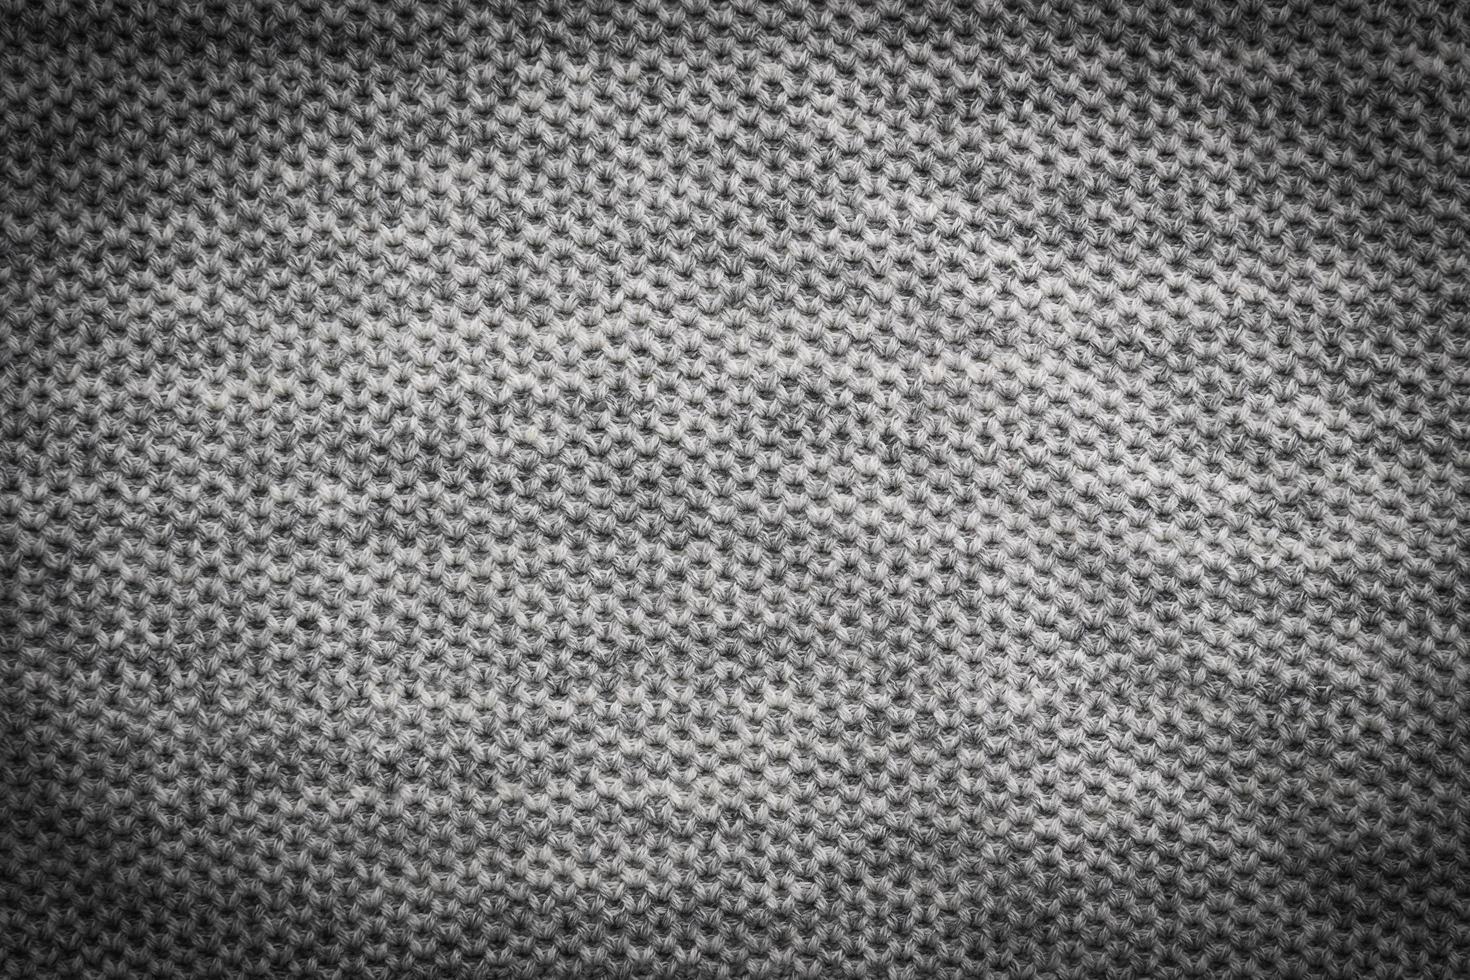 texture de coton gris photo